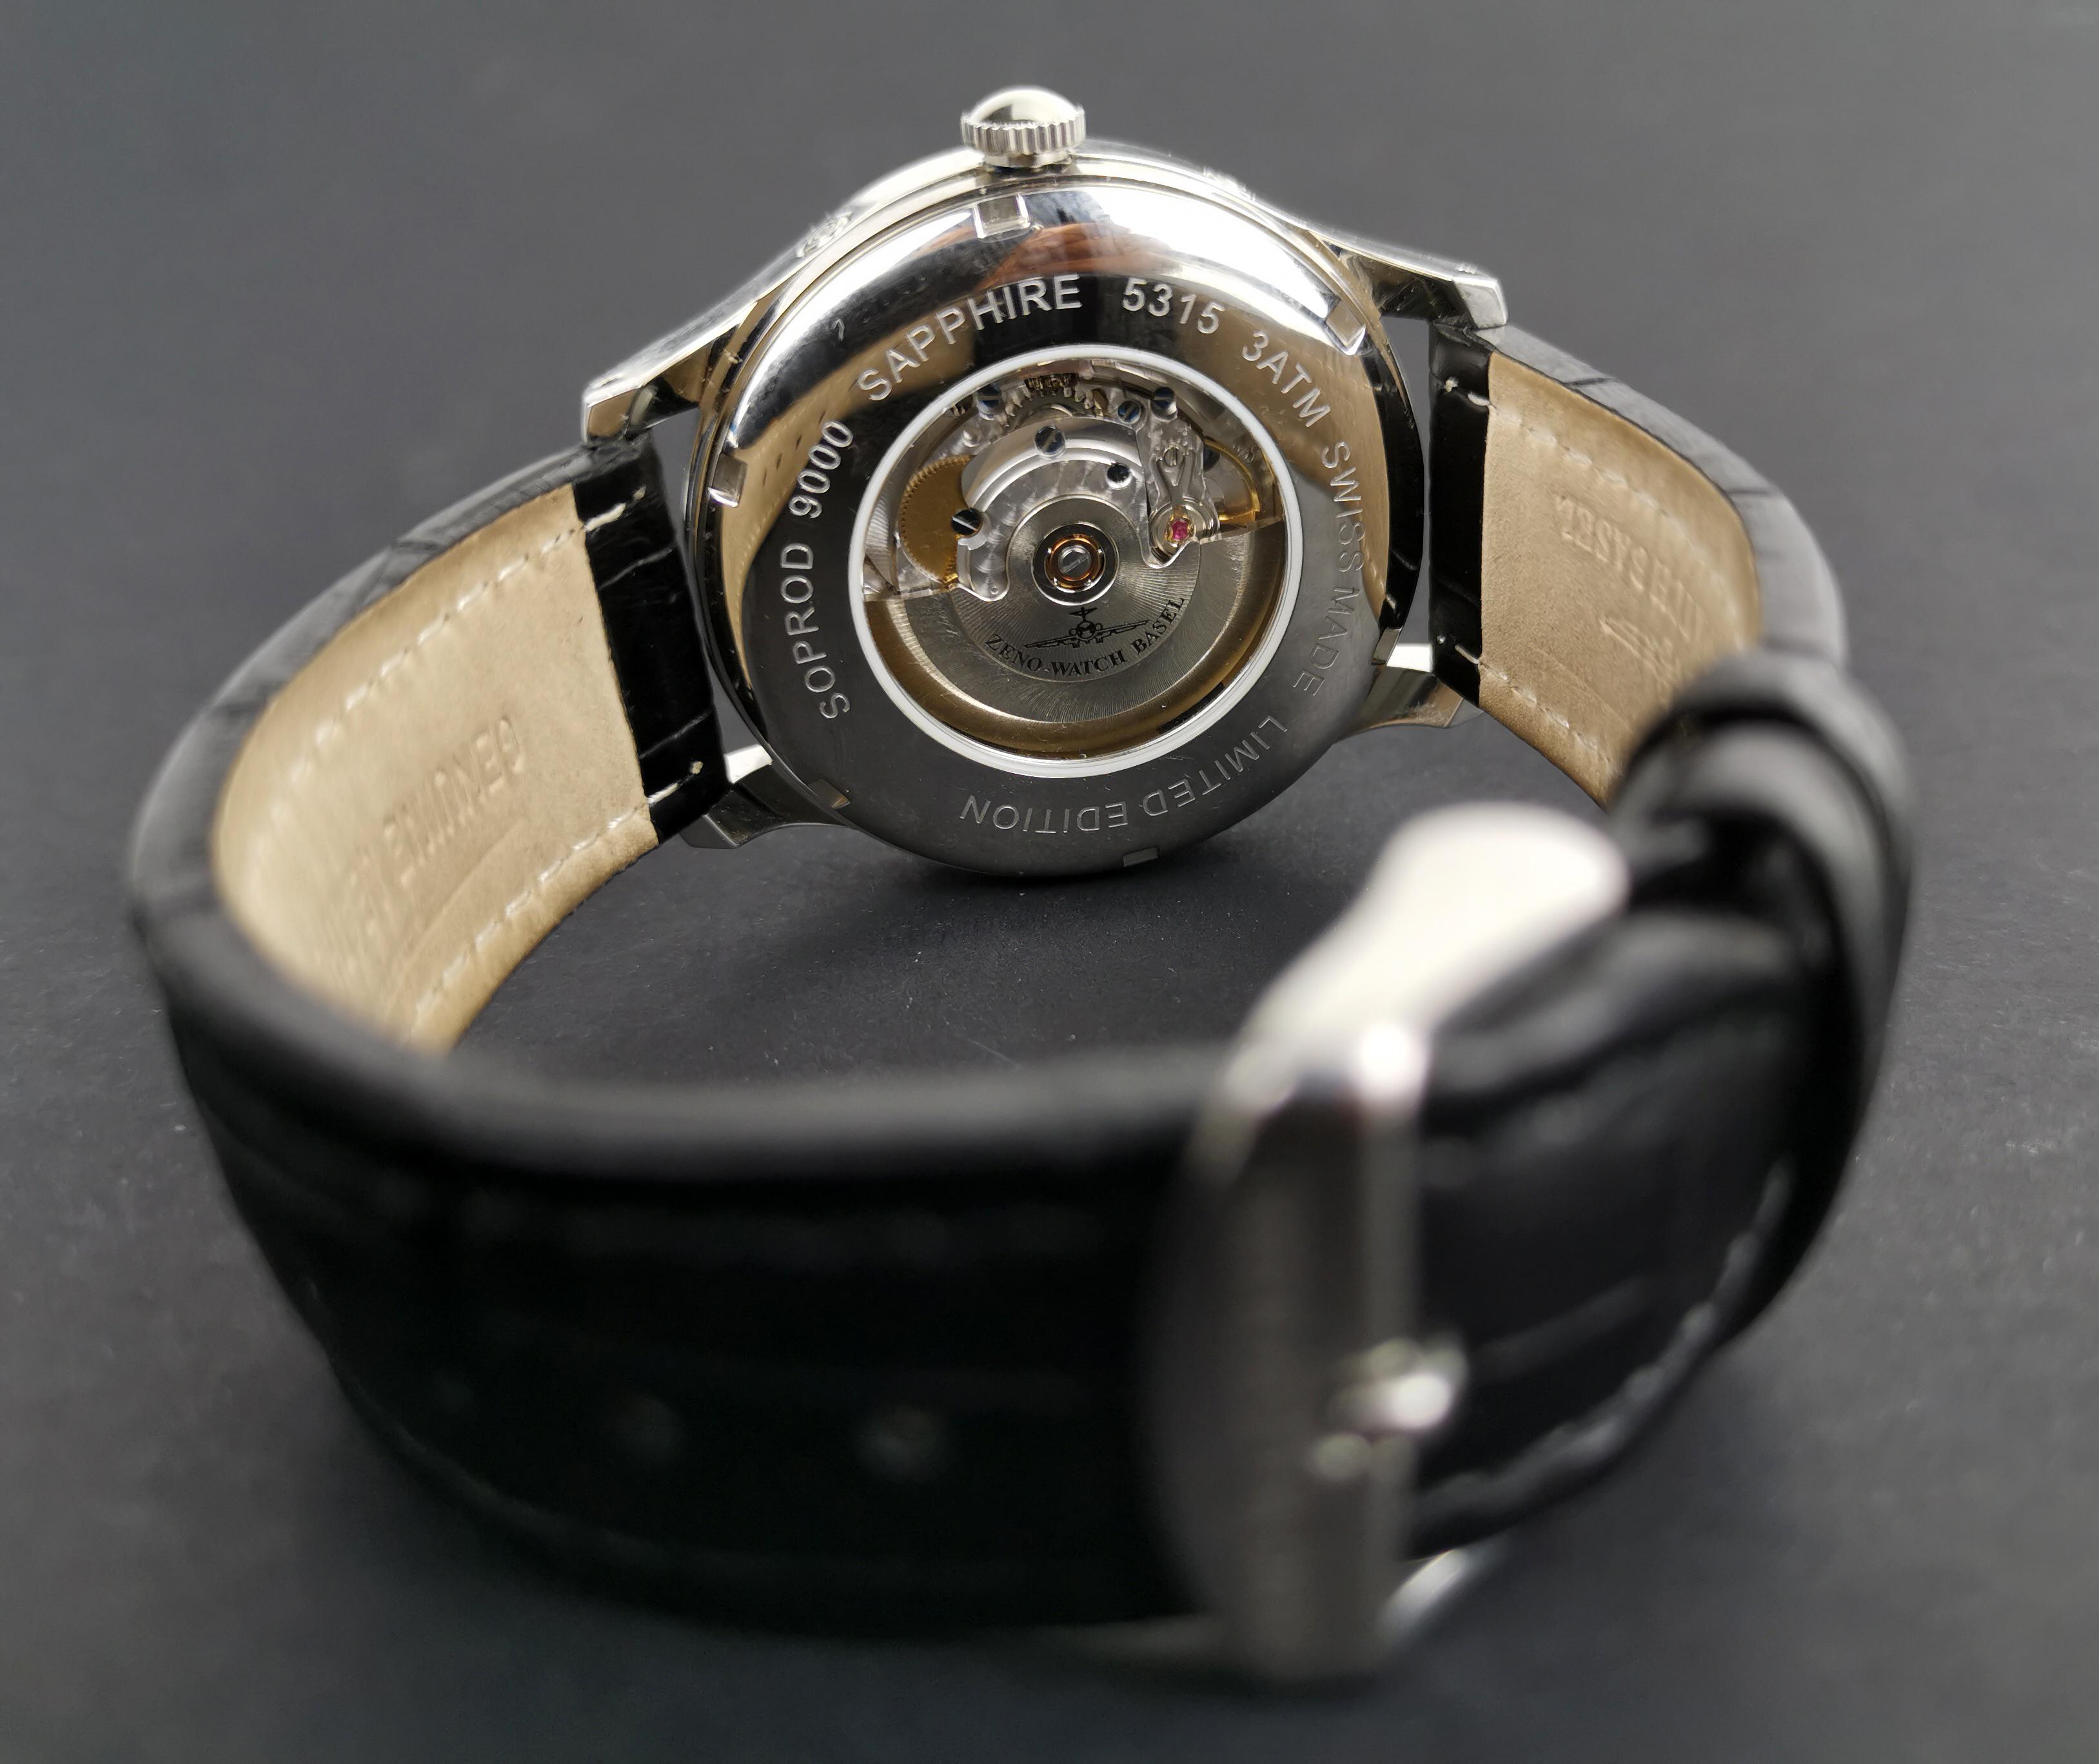 Basel Uhren 2019 - 3